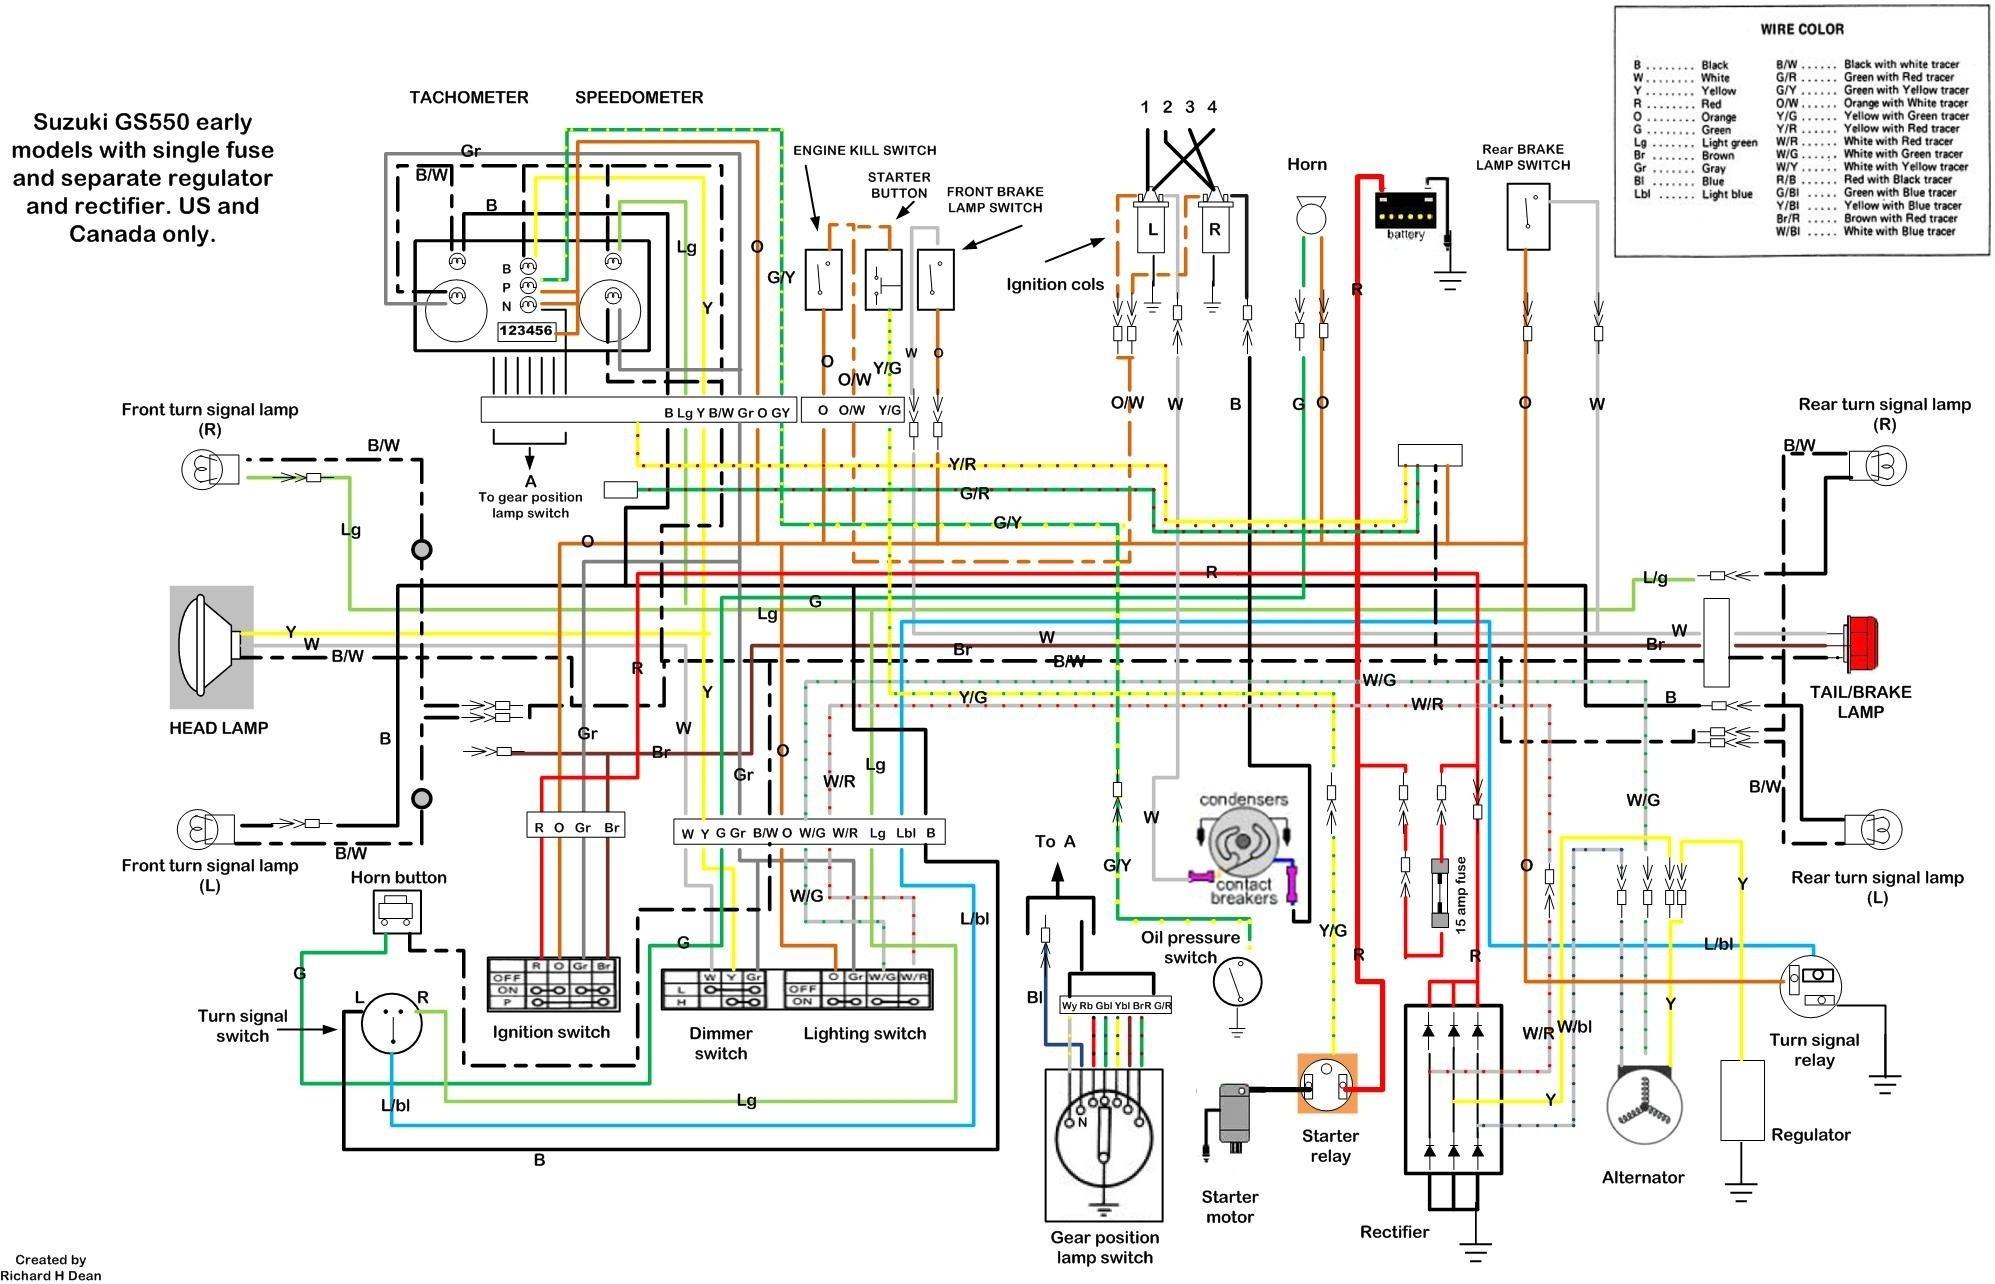 Suzuki Gs850g Wiring Diagram - Great Installation Of Wiring Diagram on 1981 suzuki gs750e wiring diagram, 1981 suzuki gs450l wiring diagram, 1981 suzuki gs450 wiring diagram, 1981 suzuki gs750l wiring diagram, 1981 suzuki gs750 wiring diagram, 1981 suzuki gs550l wiring diagram, 1981 suzuki gs650g wiring diagram, 1981 suzuki gs650gl wiring diagram,